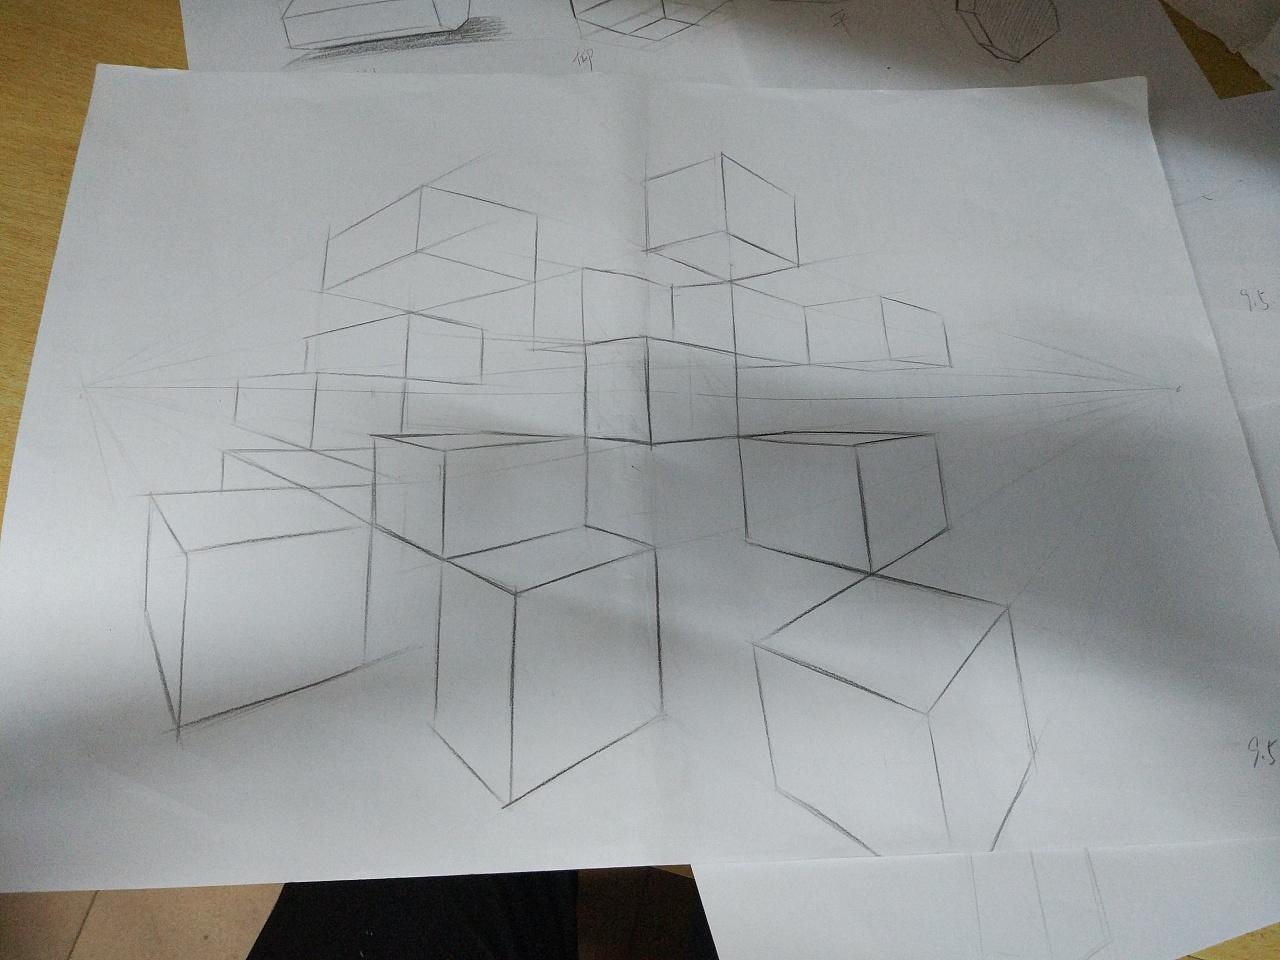 9.5产品手绘作业